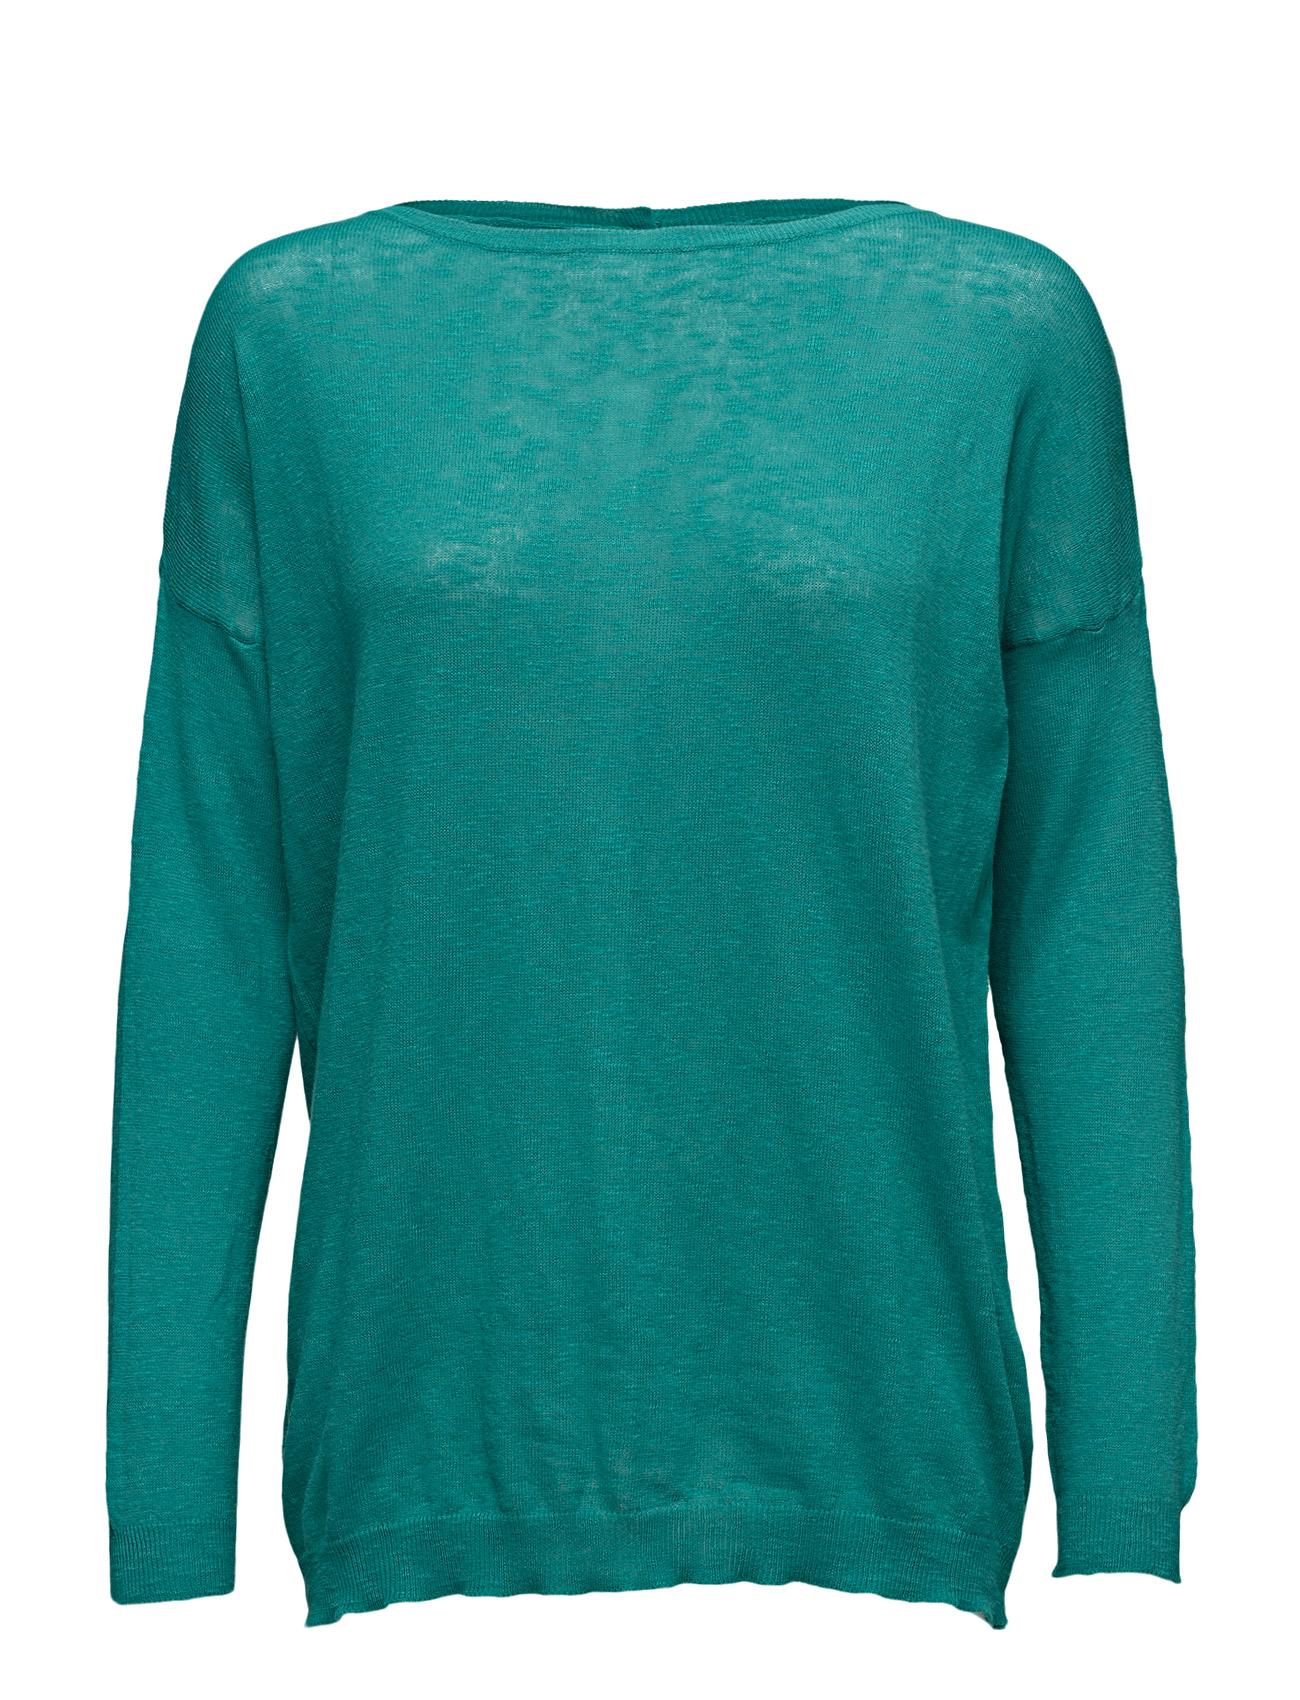 Sweater L/S United Colors of Benetton Sweatshirts til Kvinder i Navy blå